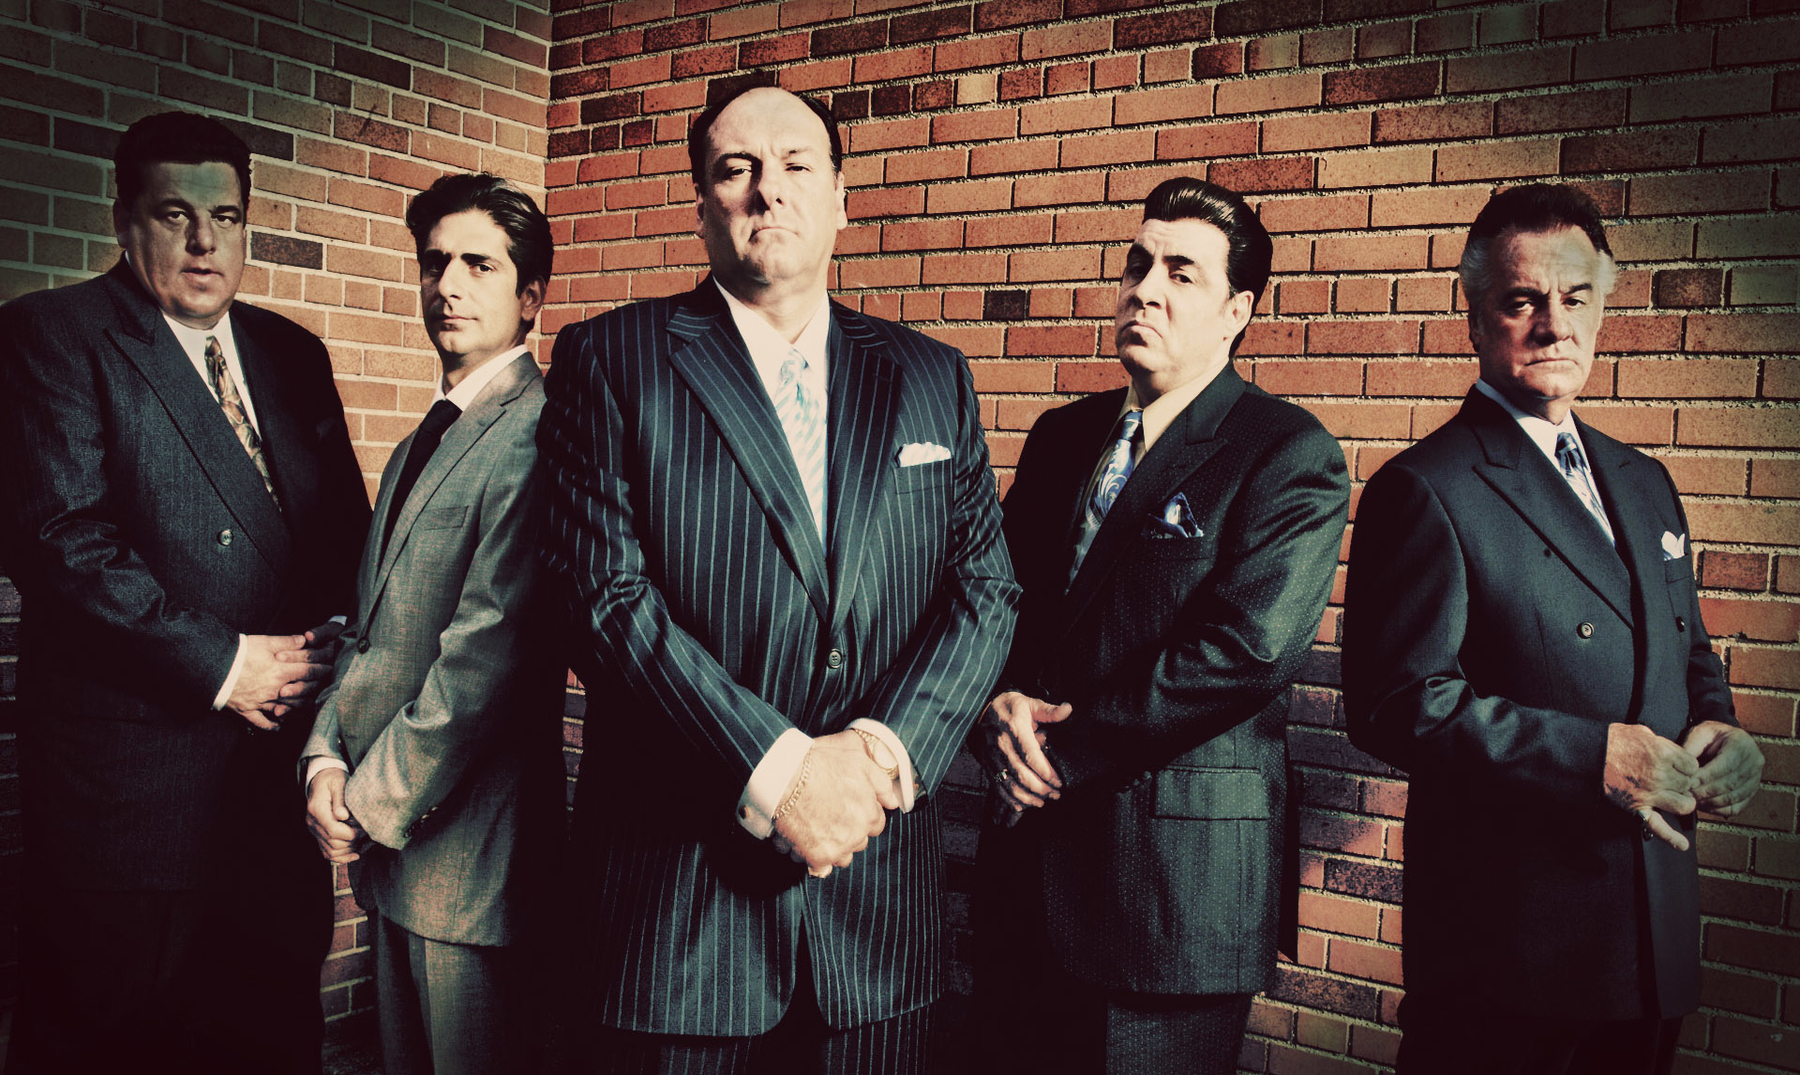 60 Frases De Los Soprano La Mafia De Nueva York En El Sillón De Casa